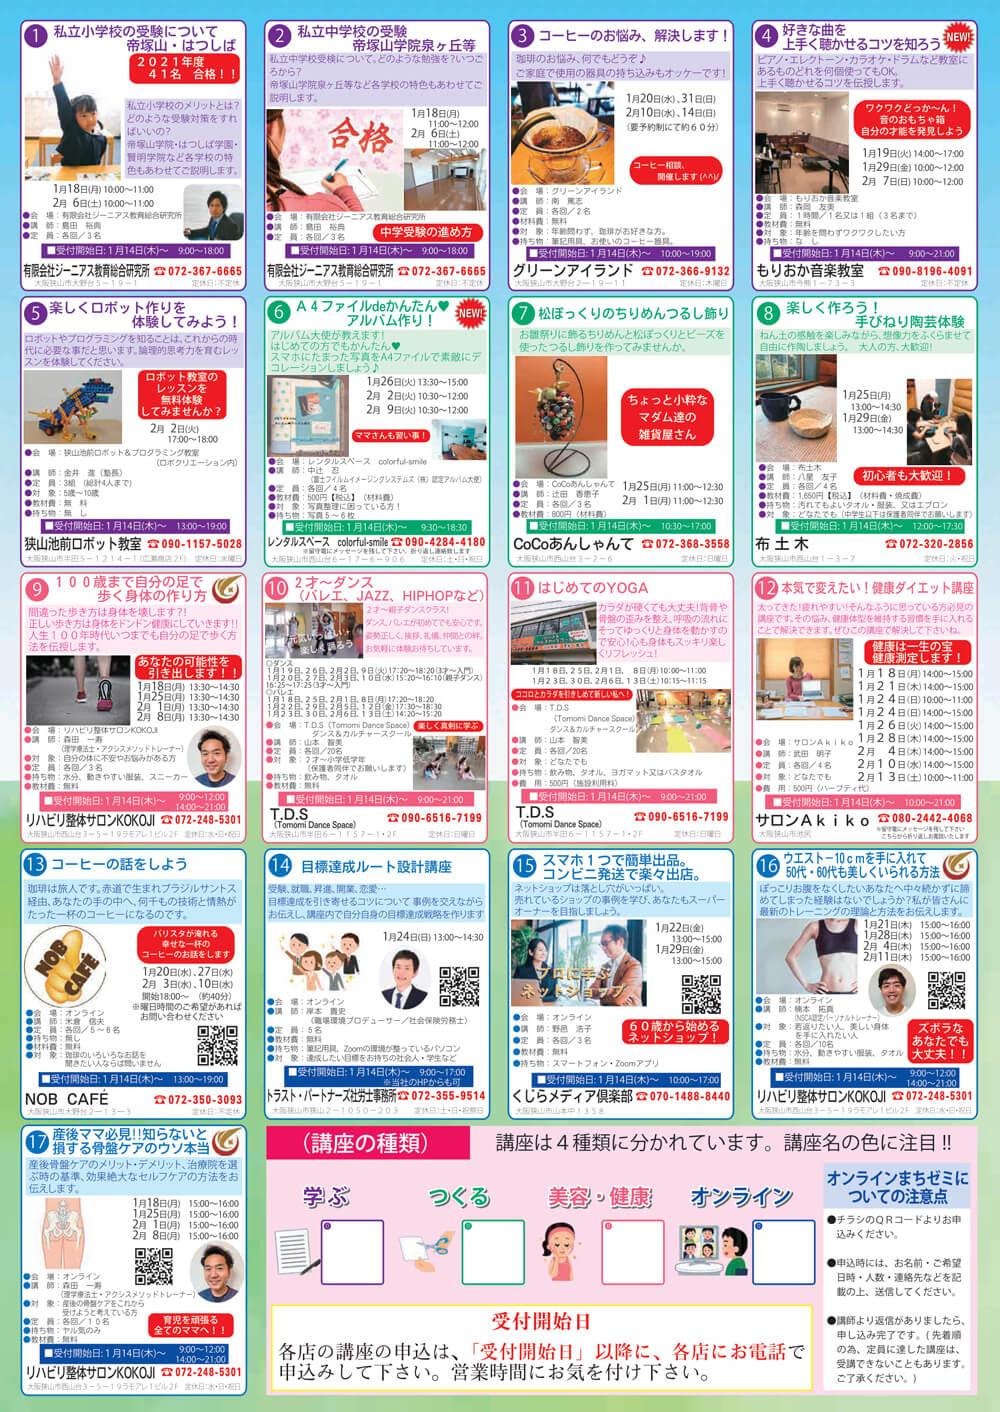 「第12回まちゼミ」が2021年1月18日(月)~2月14日(日)まで開催アイキャッチ画像裏-1